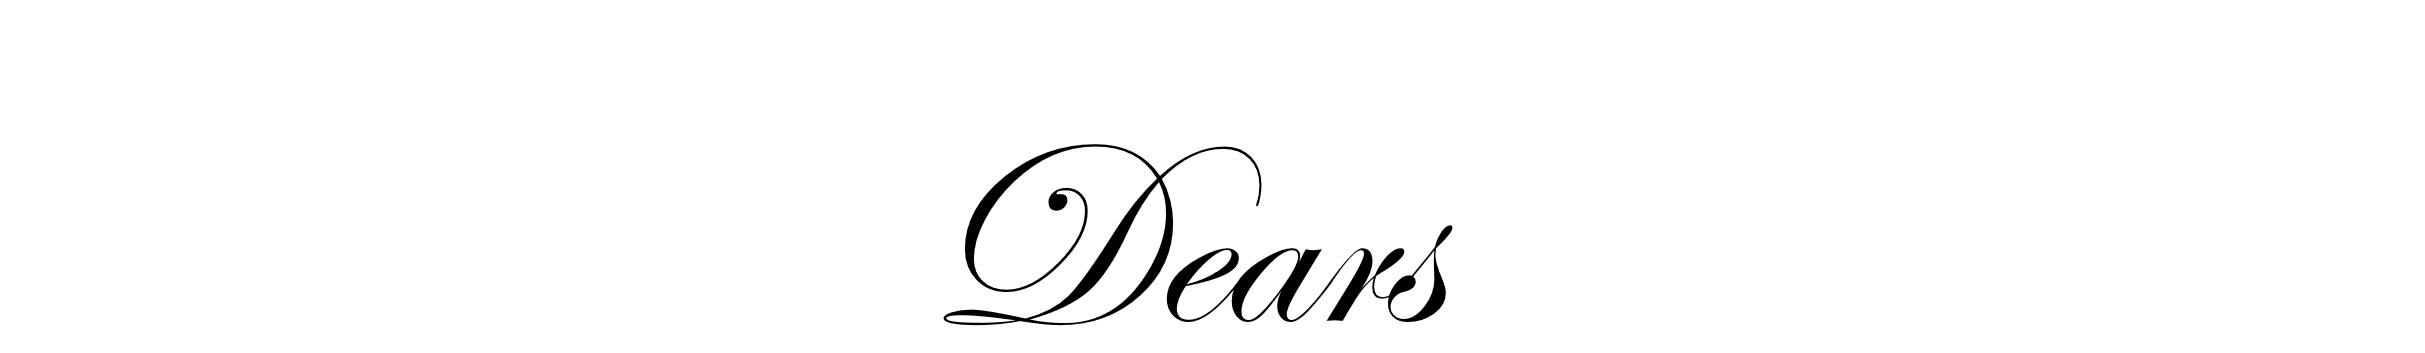 Dears